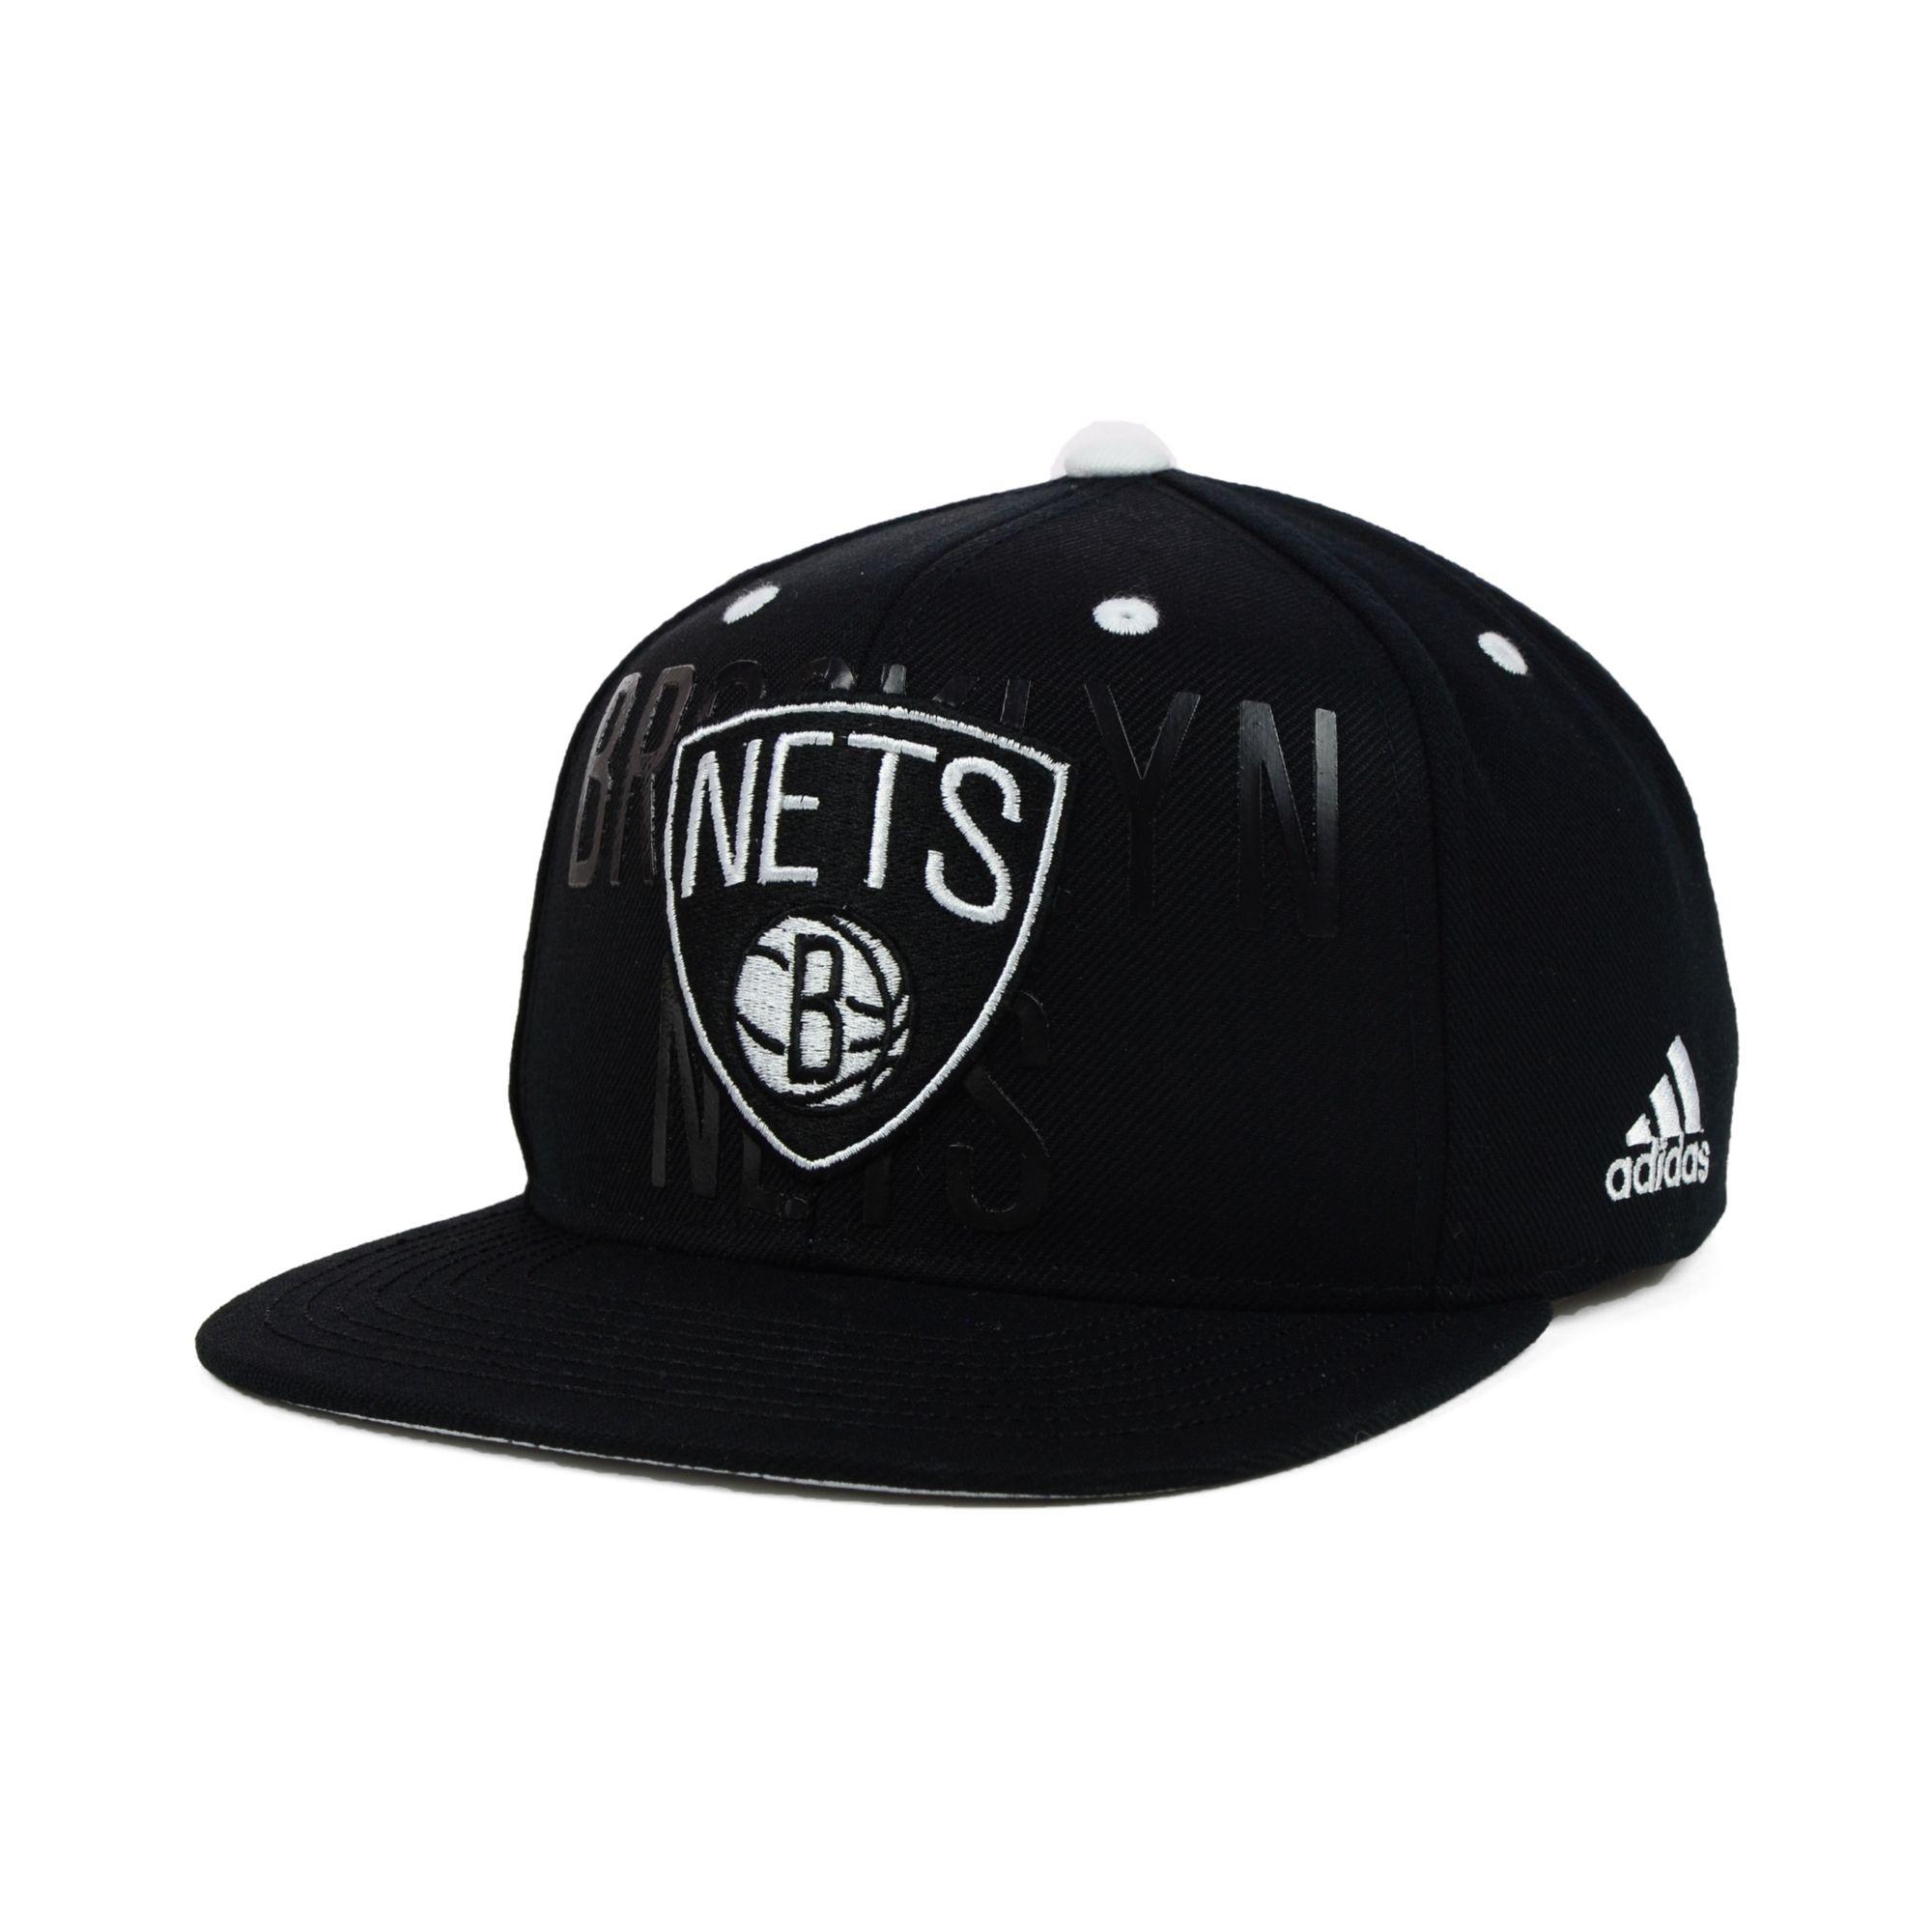 af03a2f5e41 Lyst - adidas Brooklyn Nets Nba Draft Snapback Cap in Black for Men